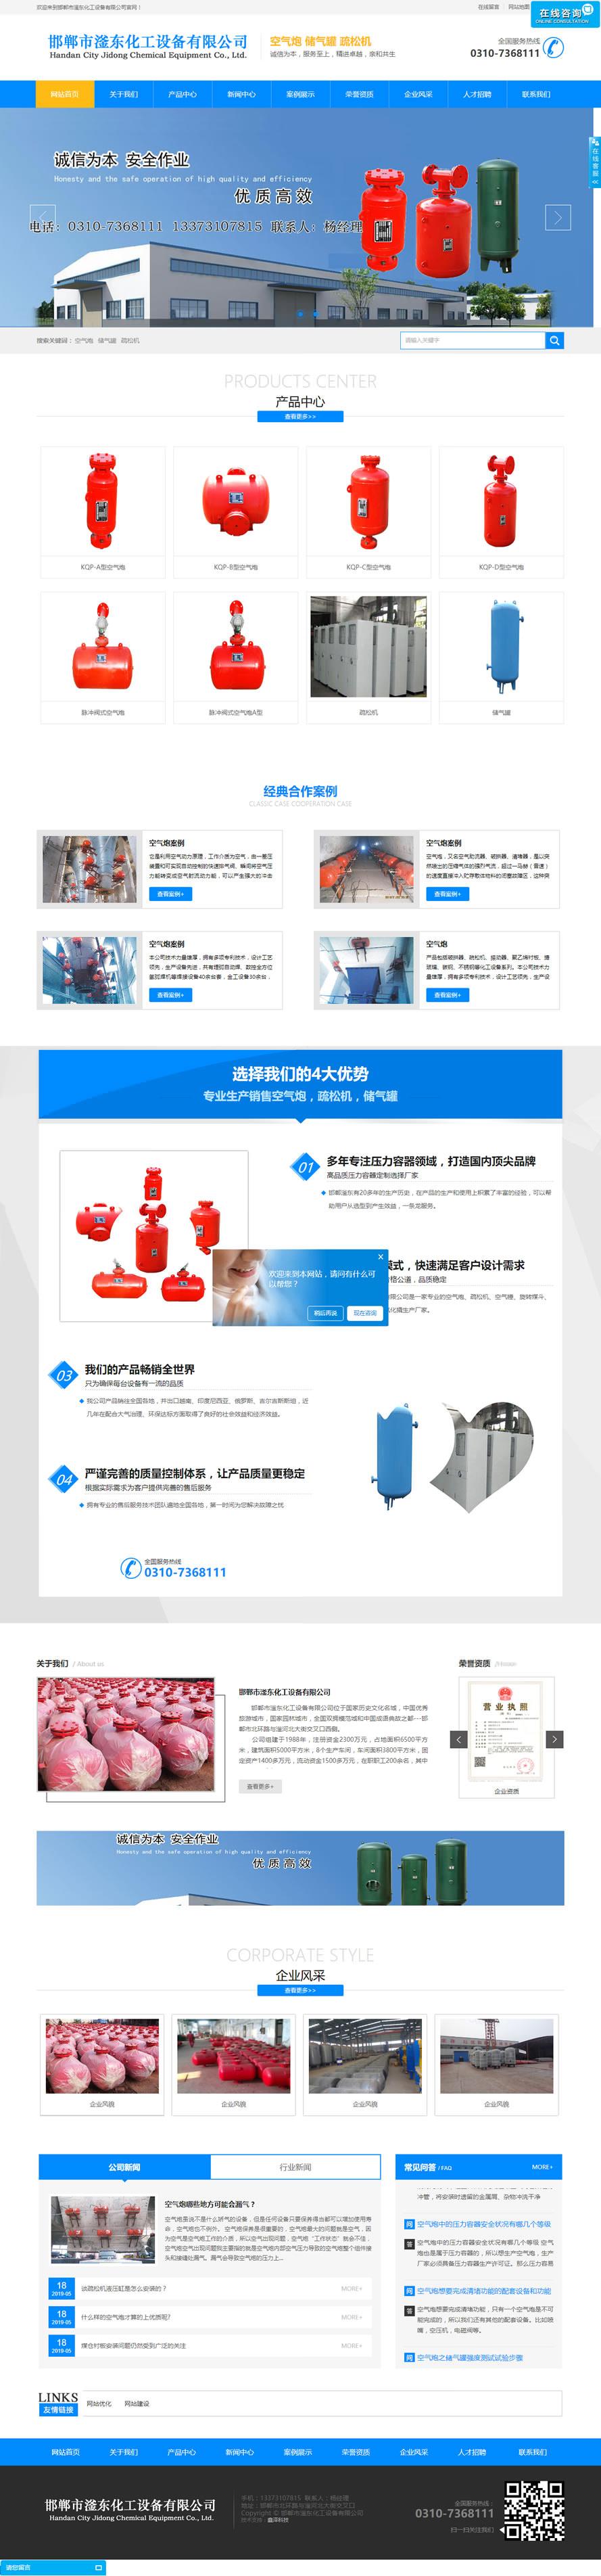 邯郸市滏东化工设备有限公司1.jpg